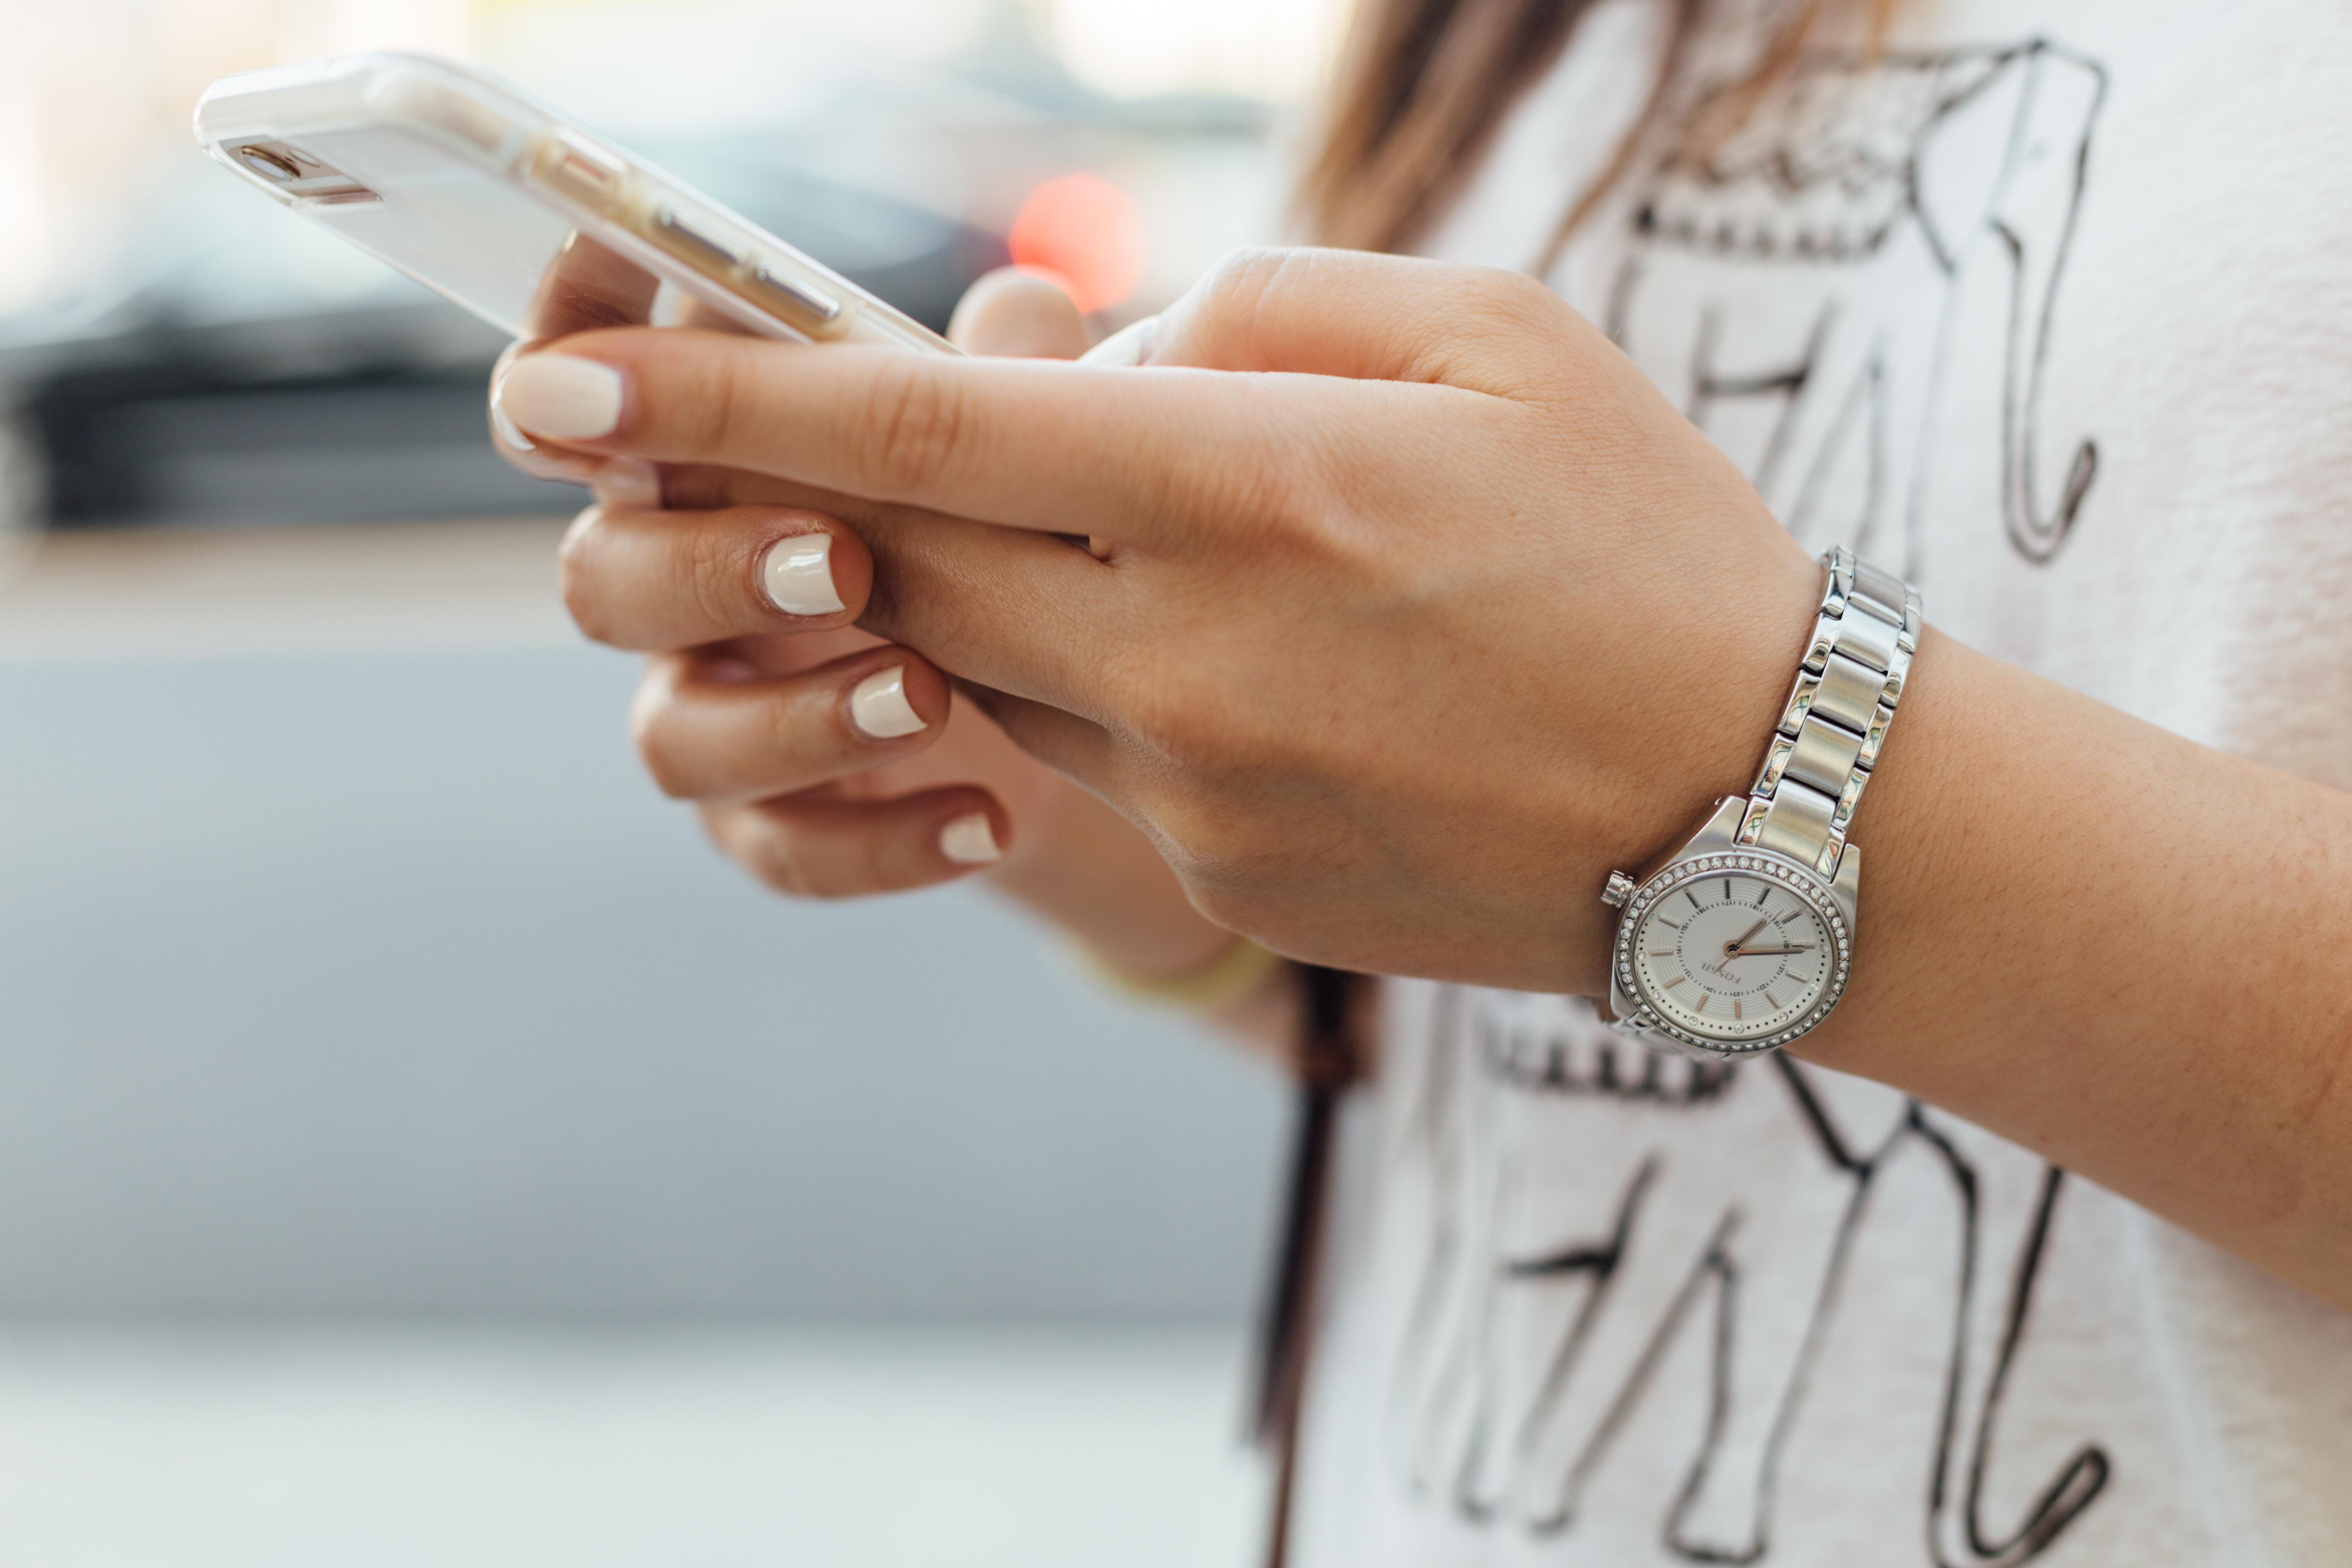 네덜란드의 한달 평균 핸드폰 요금?